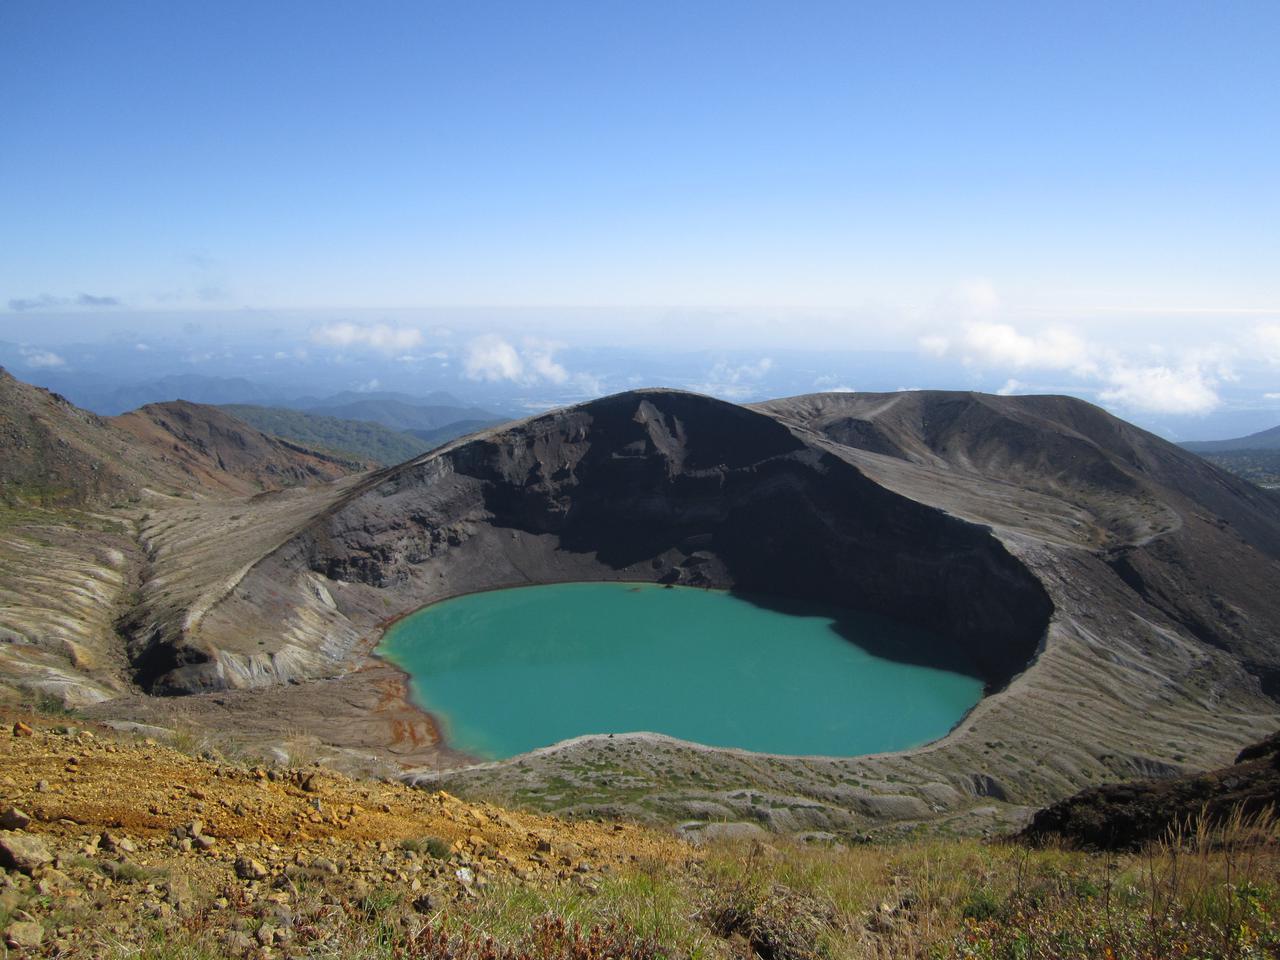 画像1: 【宮城】荒々しい山肌と美しい火山湖が世界遺産・トンガリロ国立公園のような「御釜」